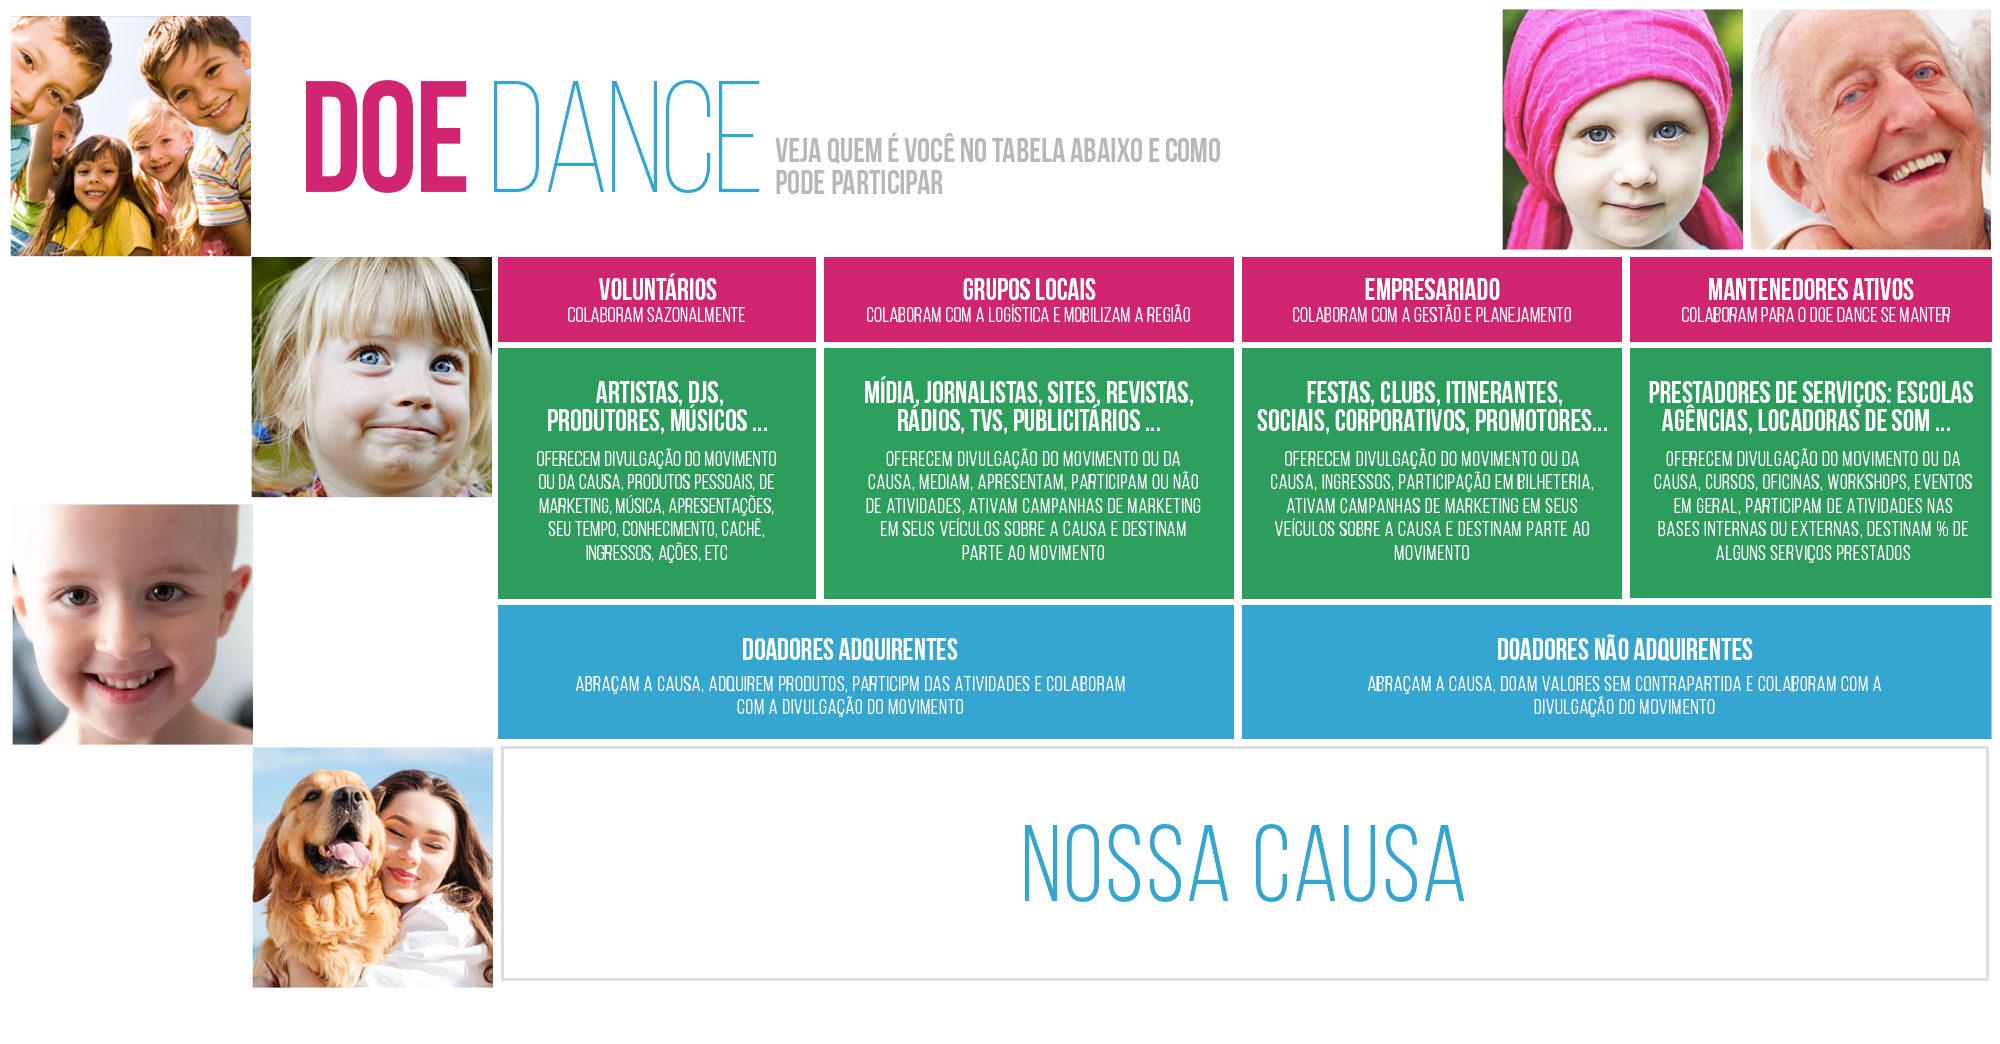 Doe_Dance_Quem_Faz_Doa